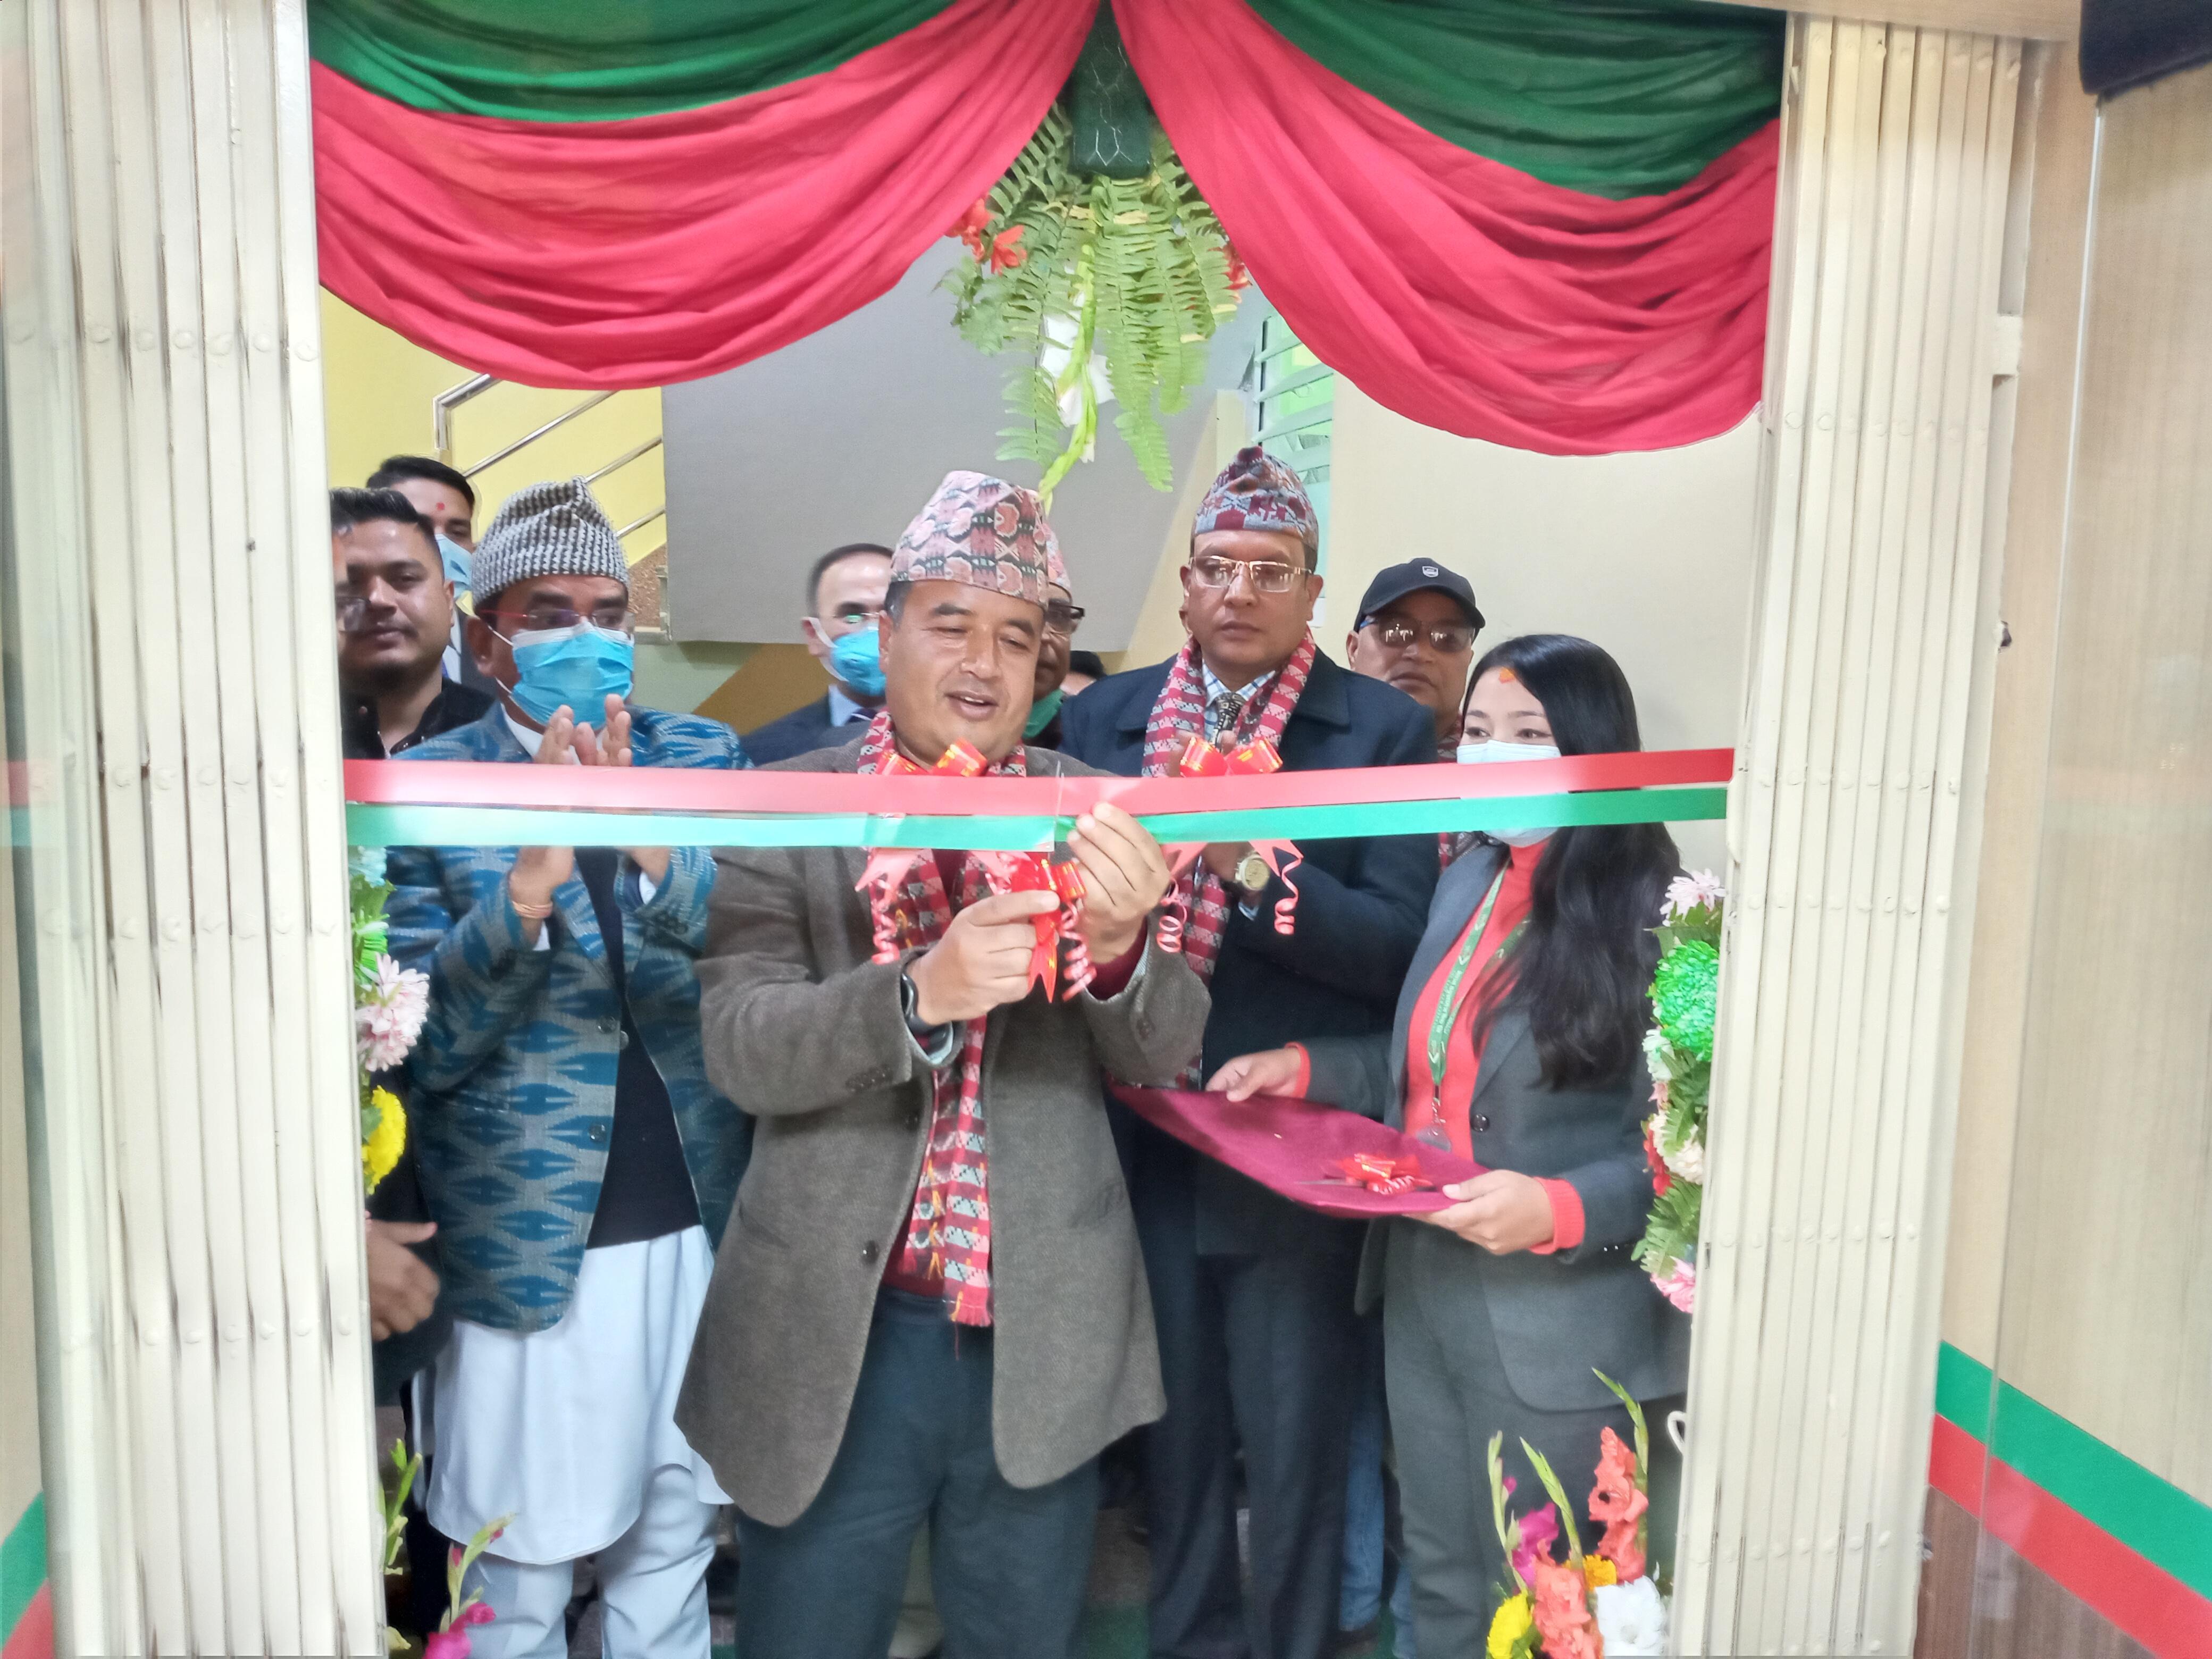 नेपाल बङ्गलादेश बैंकको ९९ औं शाखा भक्तपुर सिरुटारमा